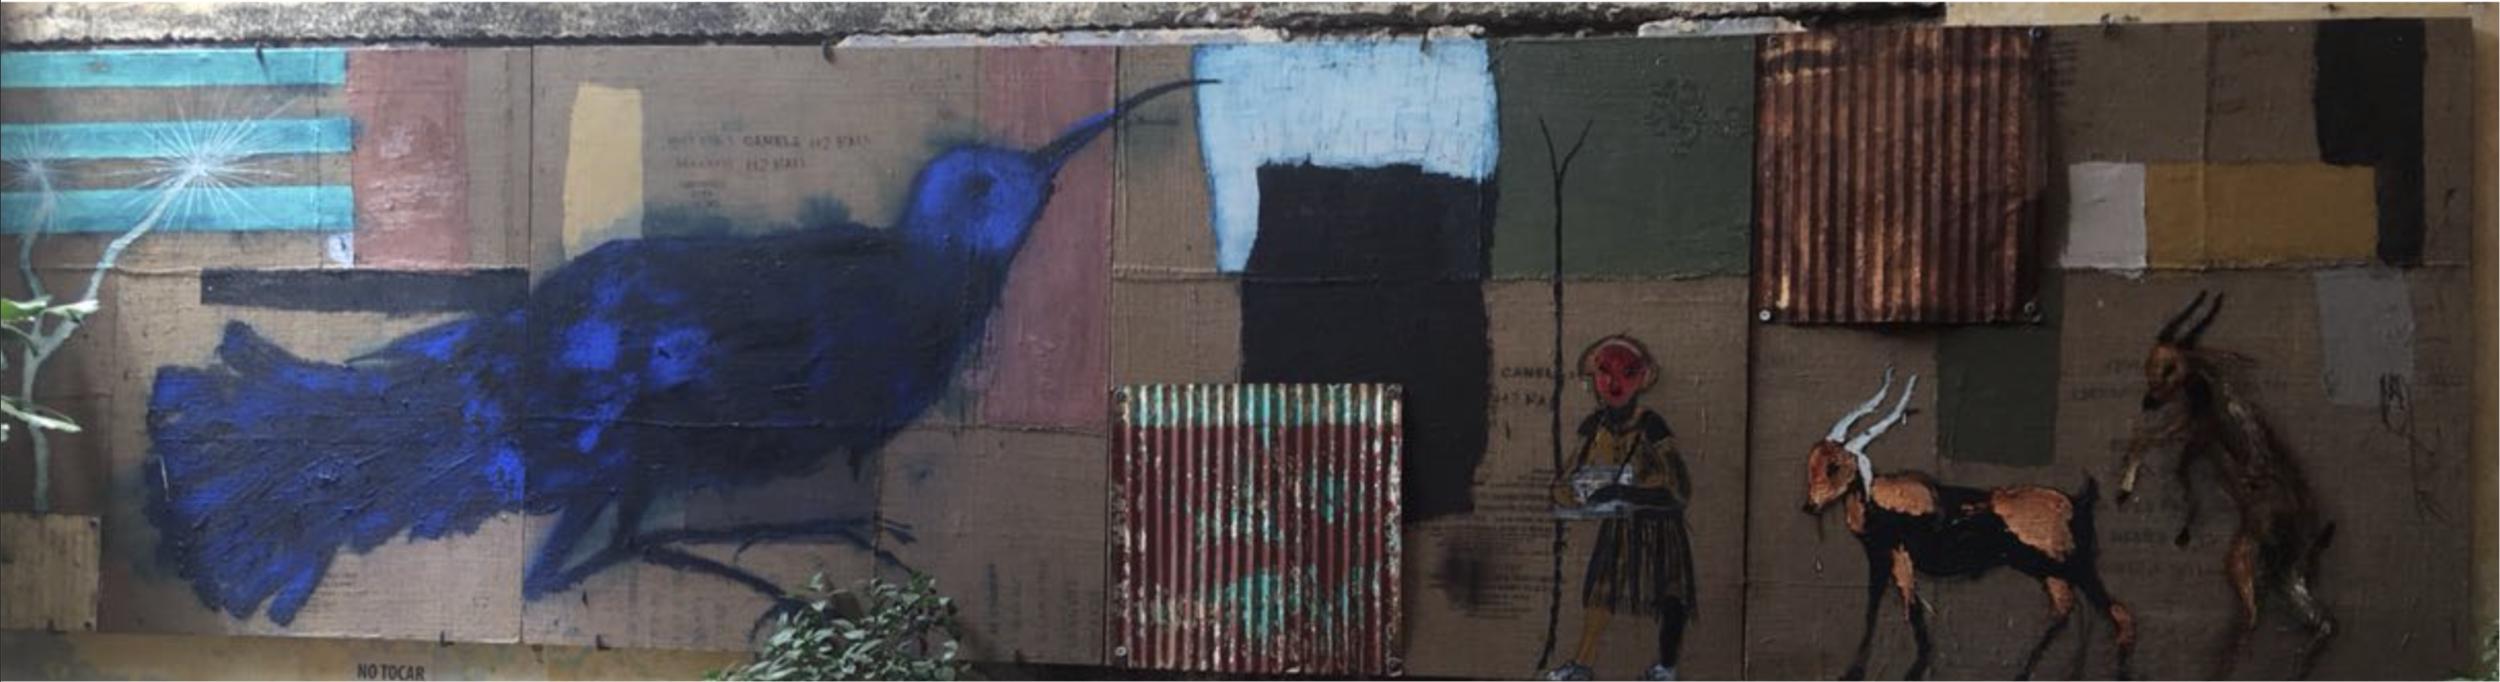 """Título:  """"Blue bird y la niña de los cigarros"""", 2018.   Autor:  Guillermo Olguin  Técnica:  Óleo sobre yutes y láminas montadas en madera."""